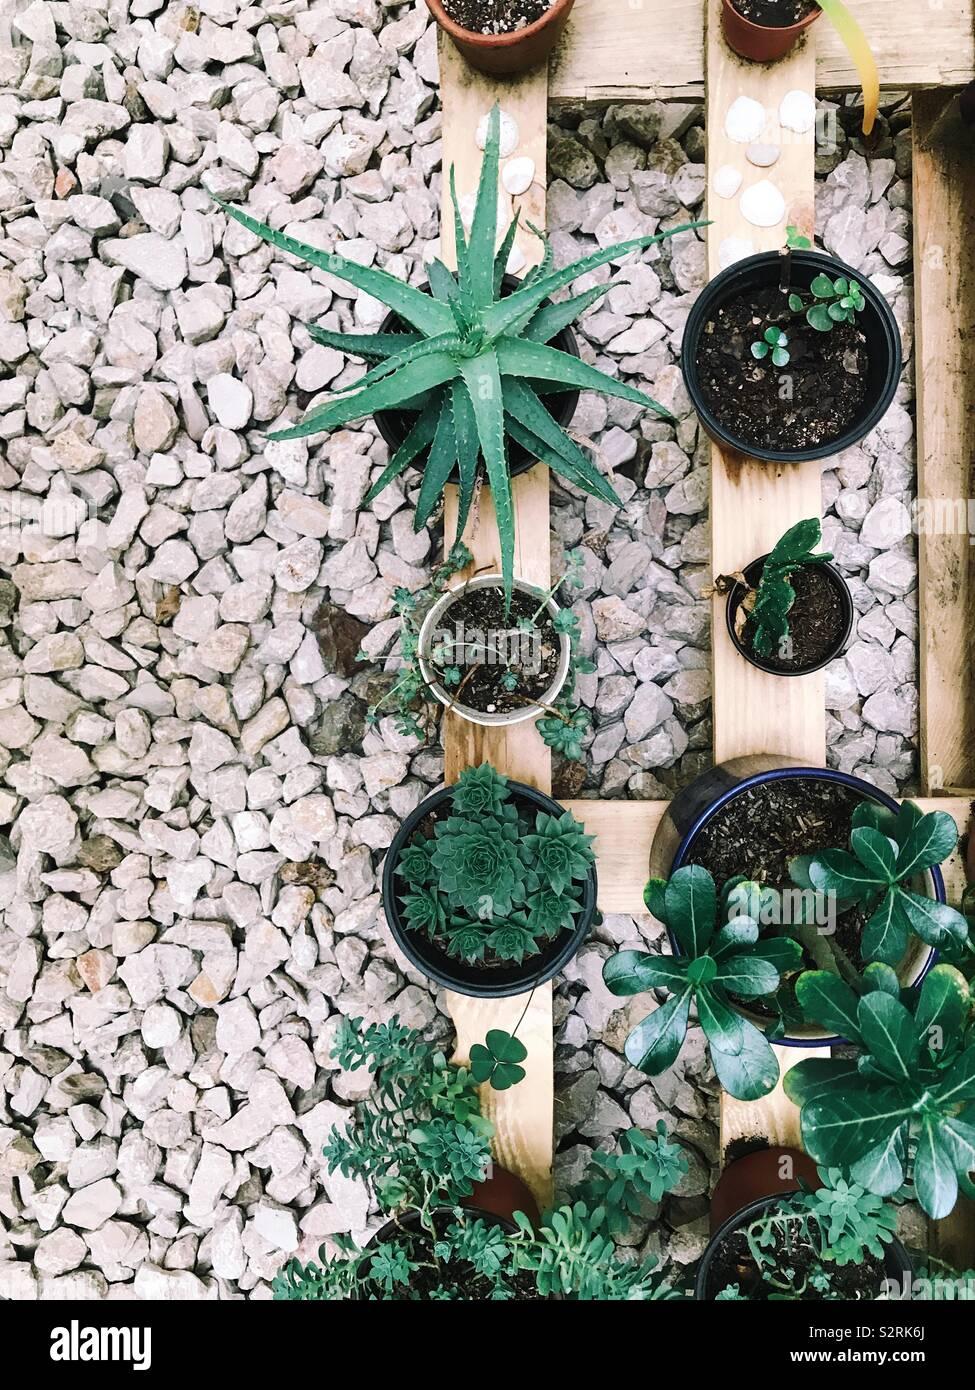 Gruppe der Sukkulenten auf einer hölzernen Fach- und Kiesboden (vertikal). Aloe, hecheveria, und andere. Oaxaca de Juárez, Oaxaca, Mexiko. 4. Juli 2019 Stockfoto